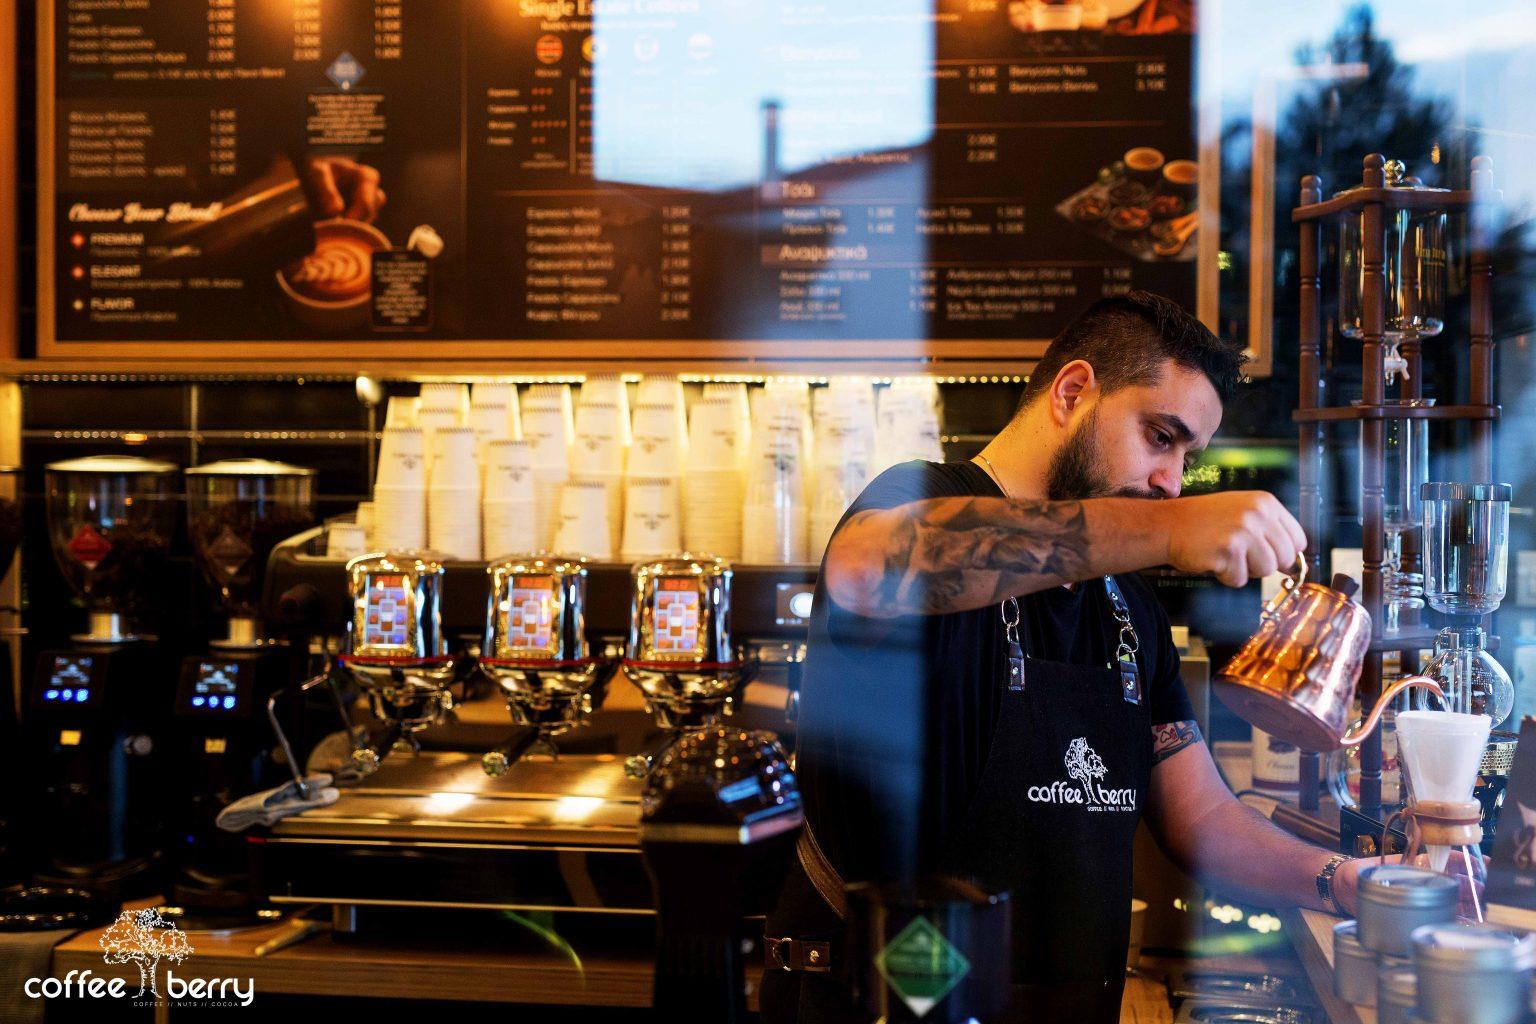 Εξειδίκευση και πάθος για τον καφέ από την Coffee Berry